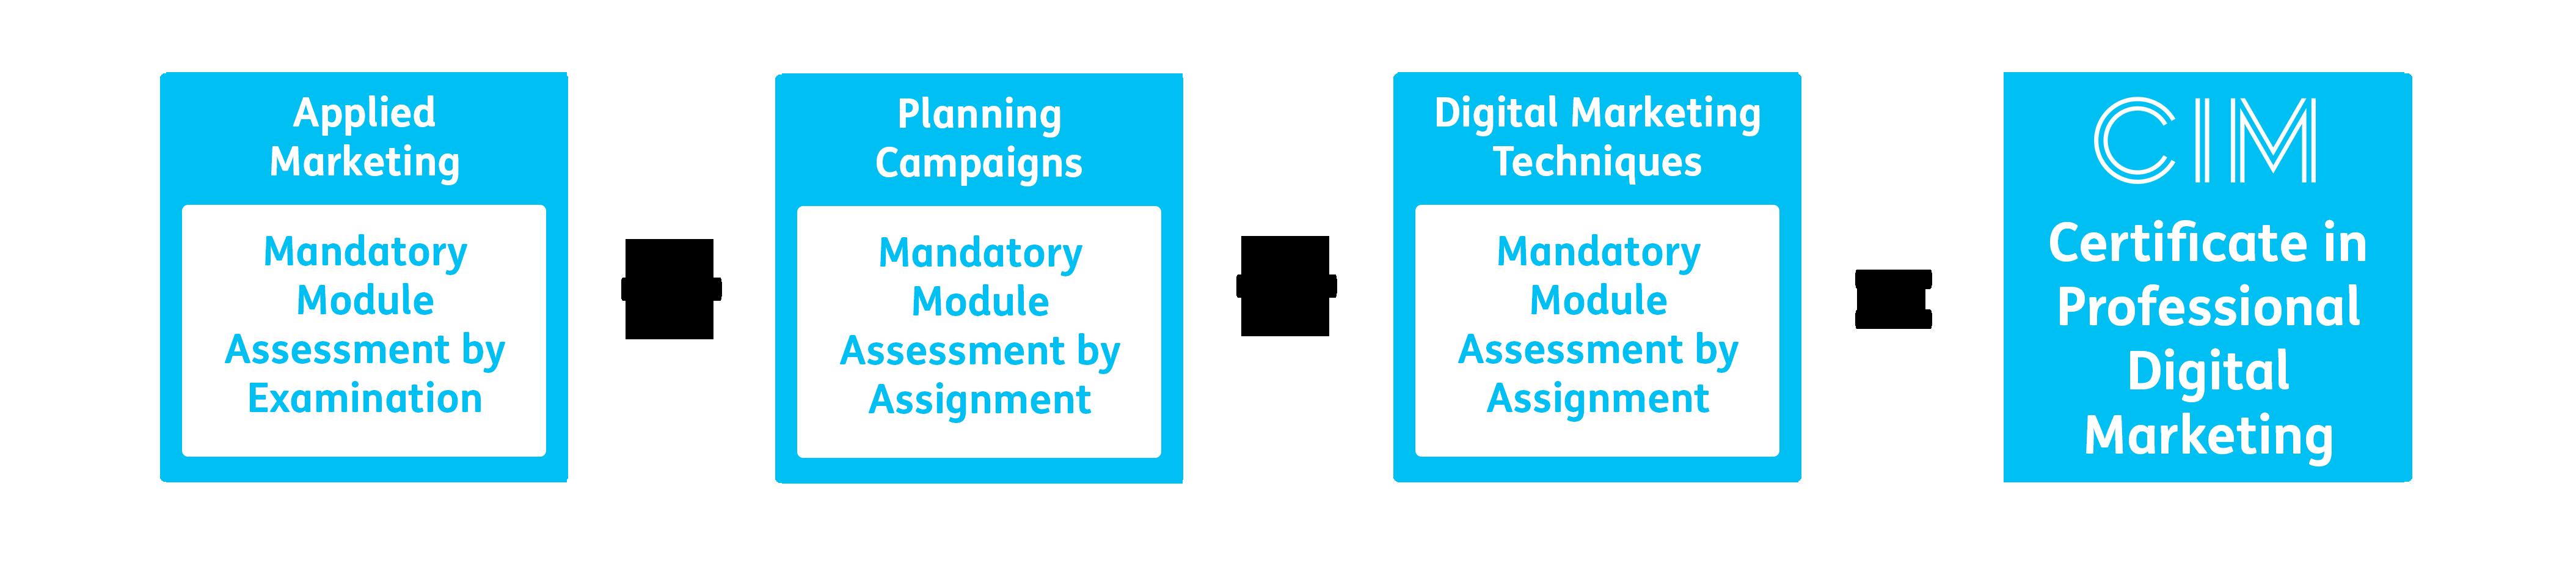 CIM Certificate in Professional Digital Marketing Structure